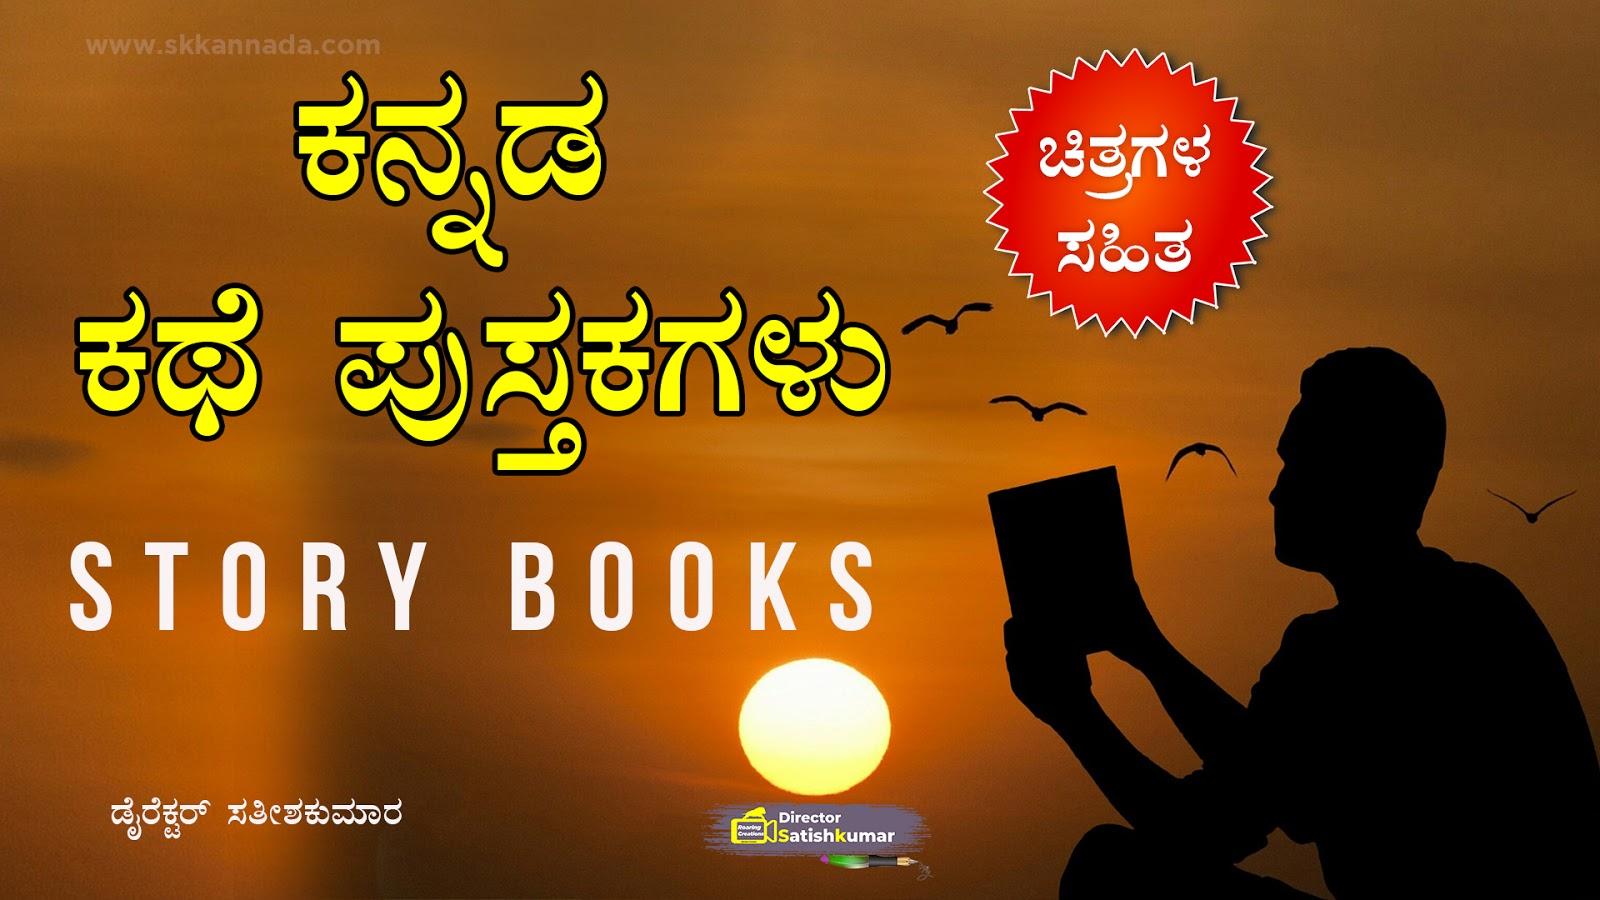 ಕನ್ನಡ ಕಥೆ ಪುಸ್ತಕಗಳು - Kannada Story Books -  E Books Kannada - Kannada Books